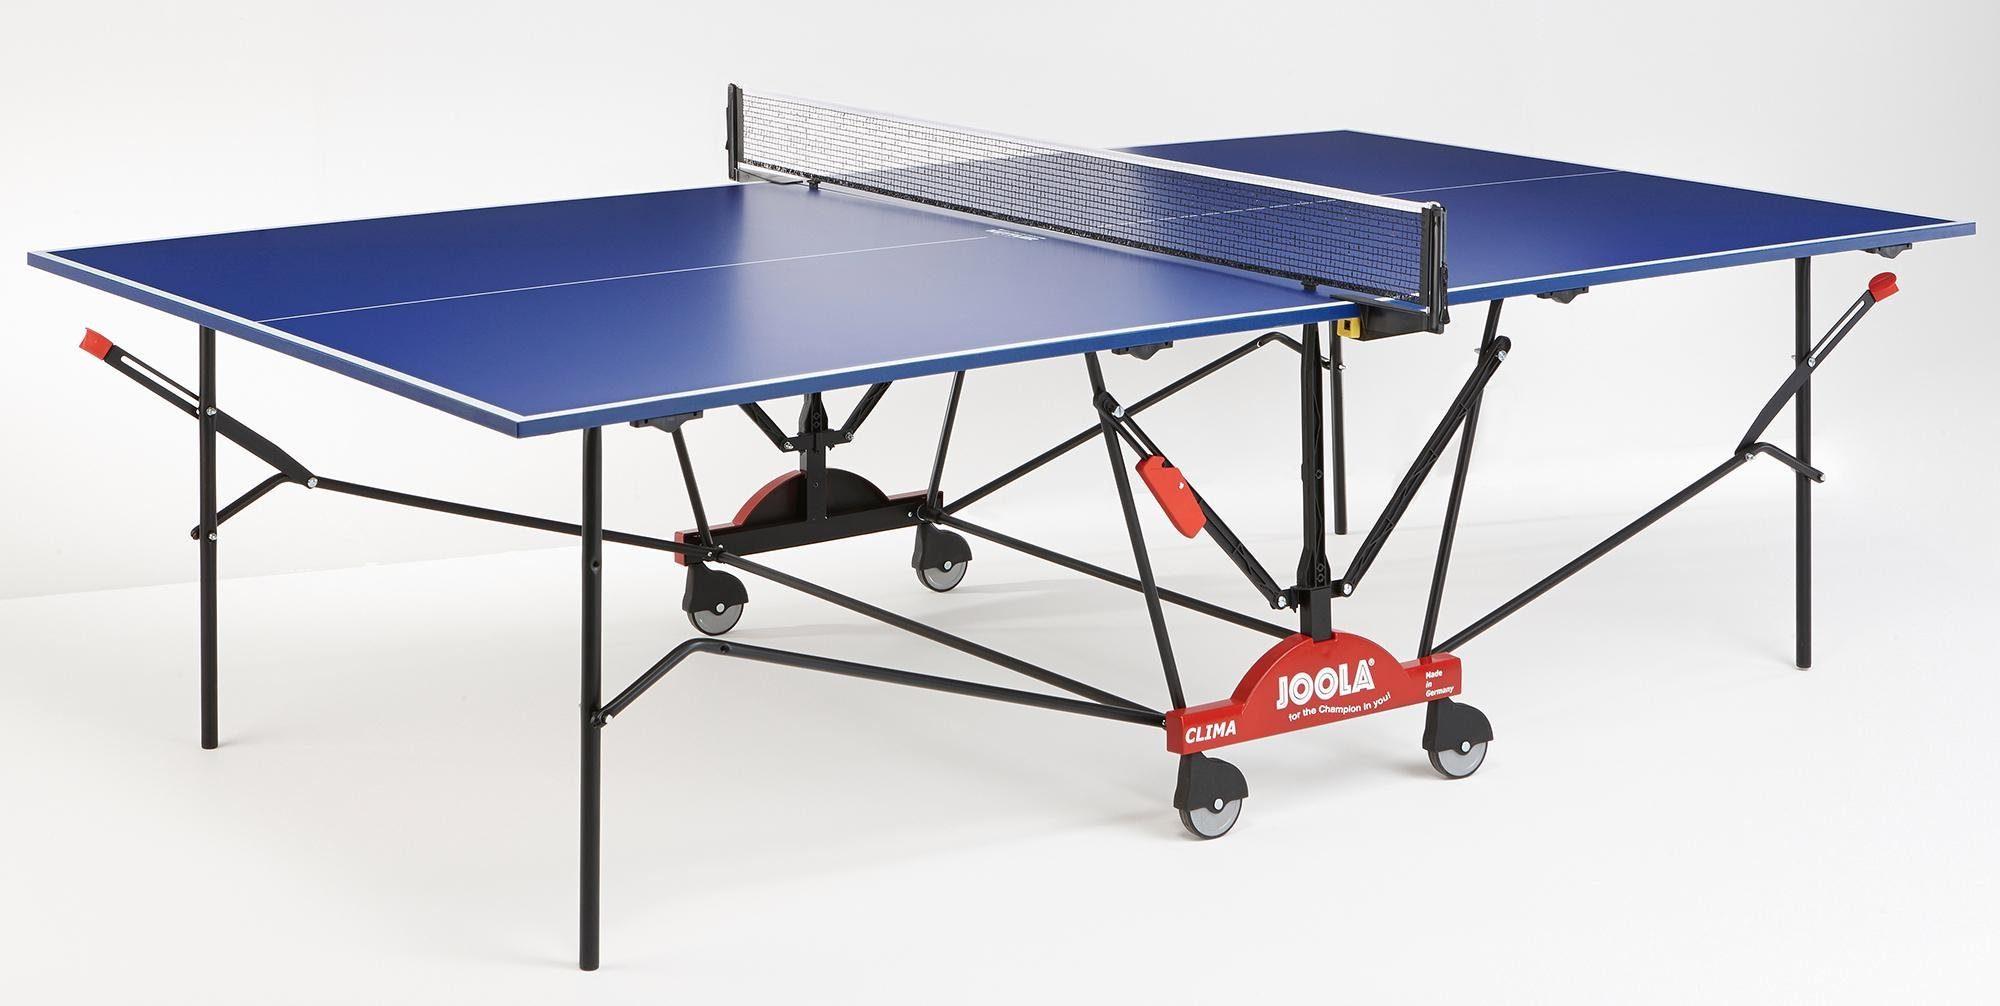 Joola Tischtennisplatte »Clima«, Das Netz ist im Lieferumfang enthalten